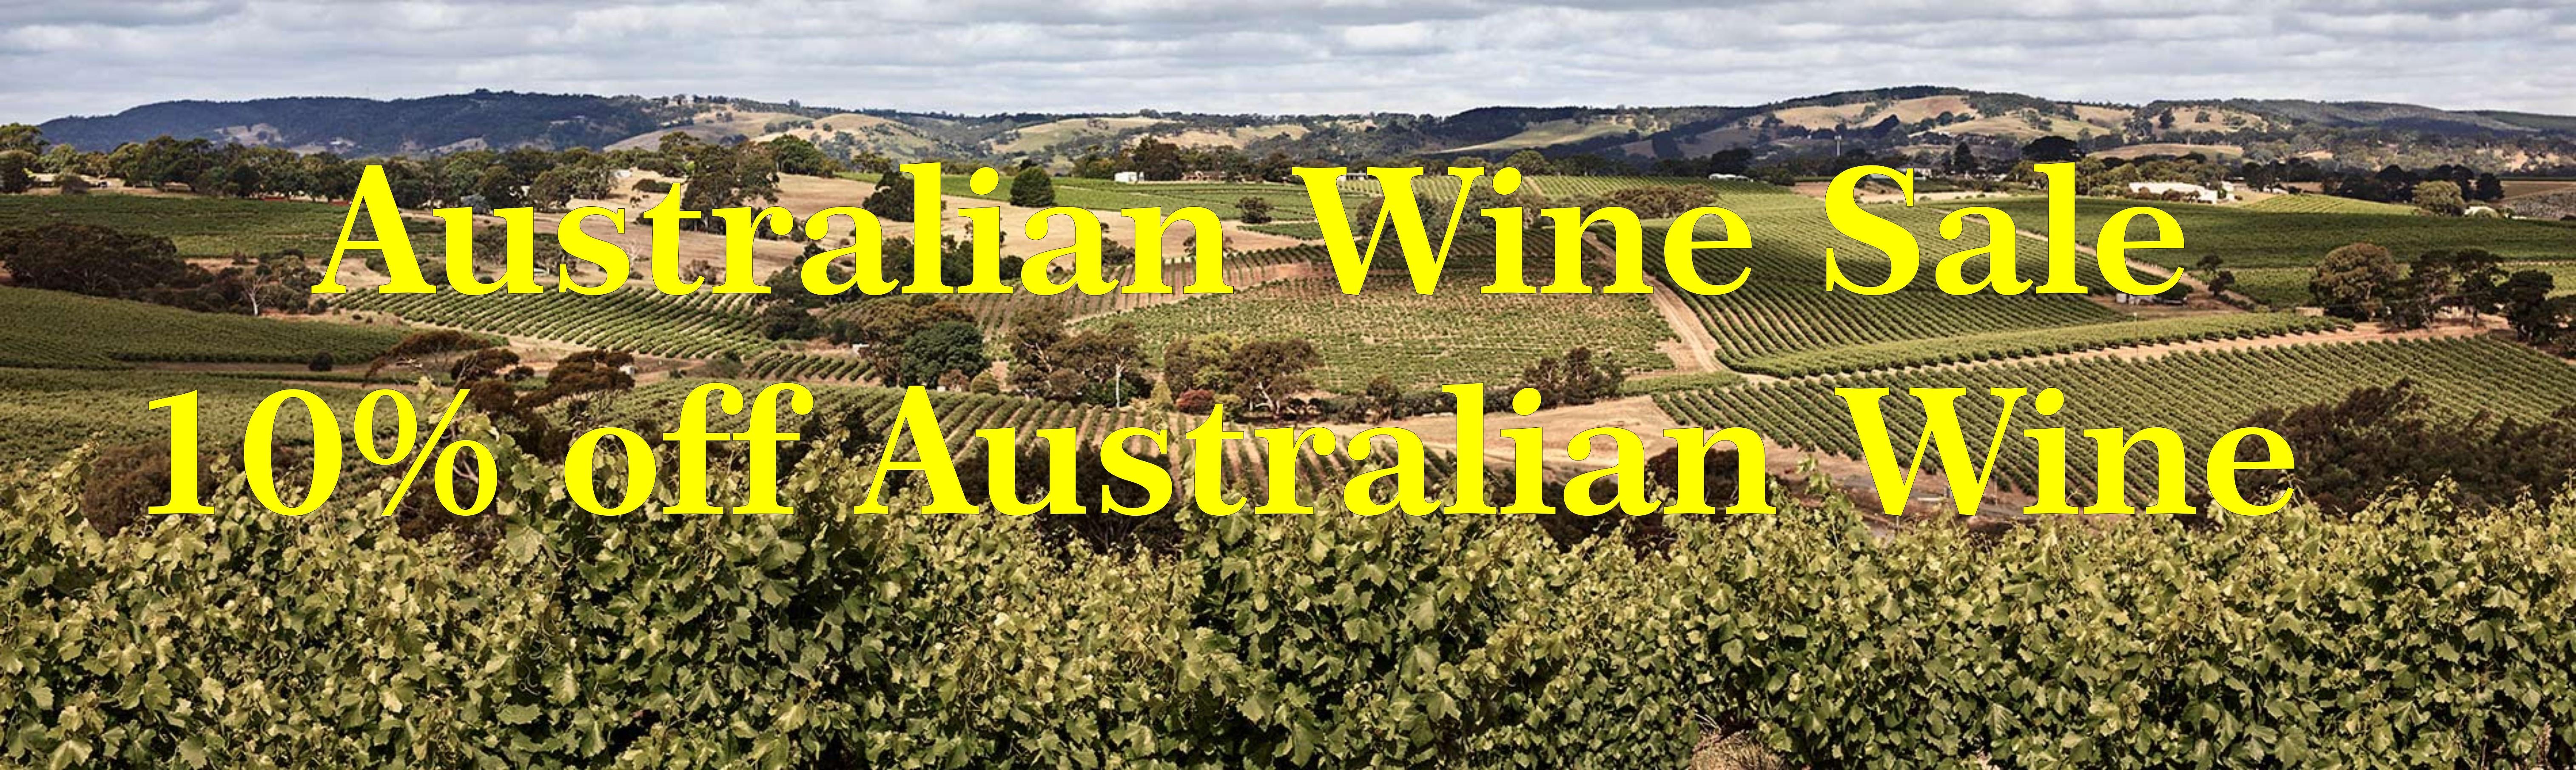 Australian Wine sale